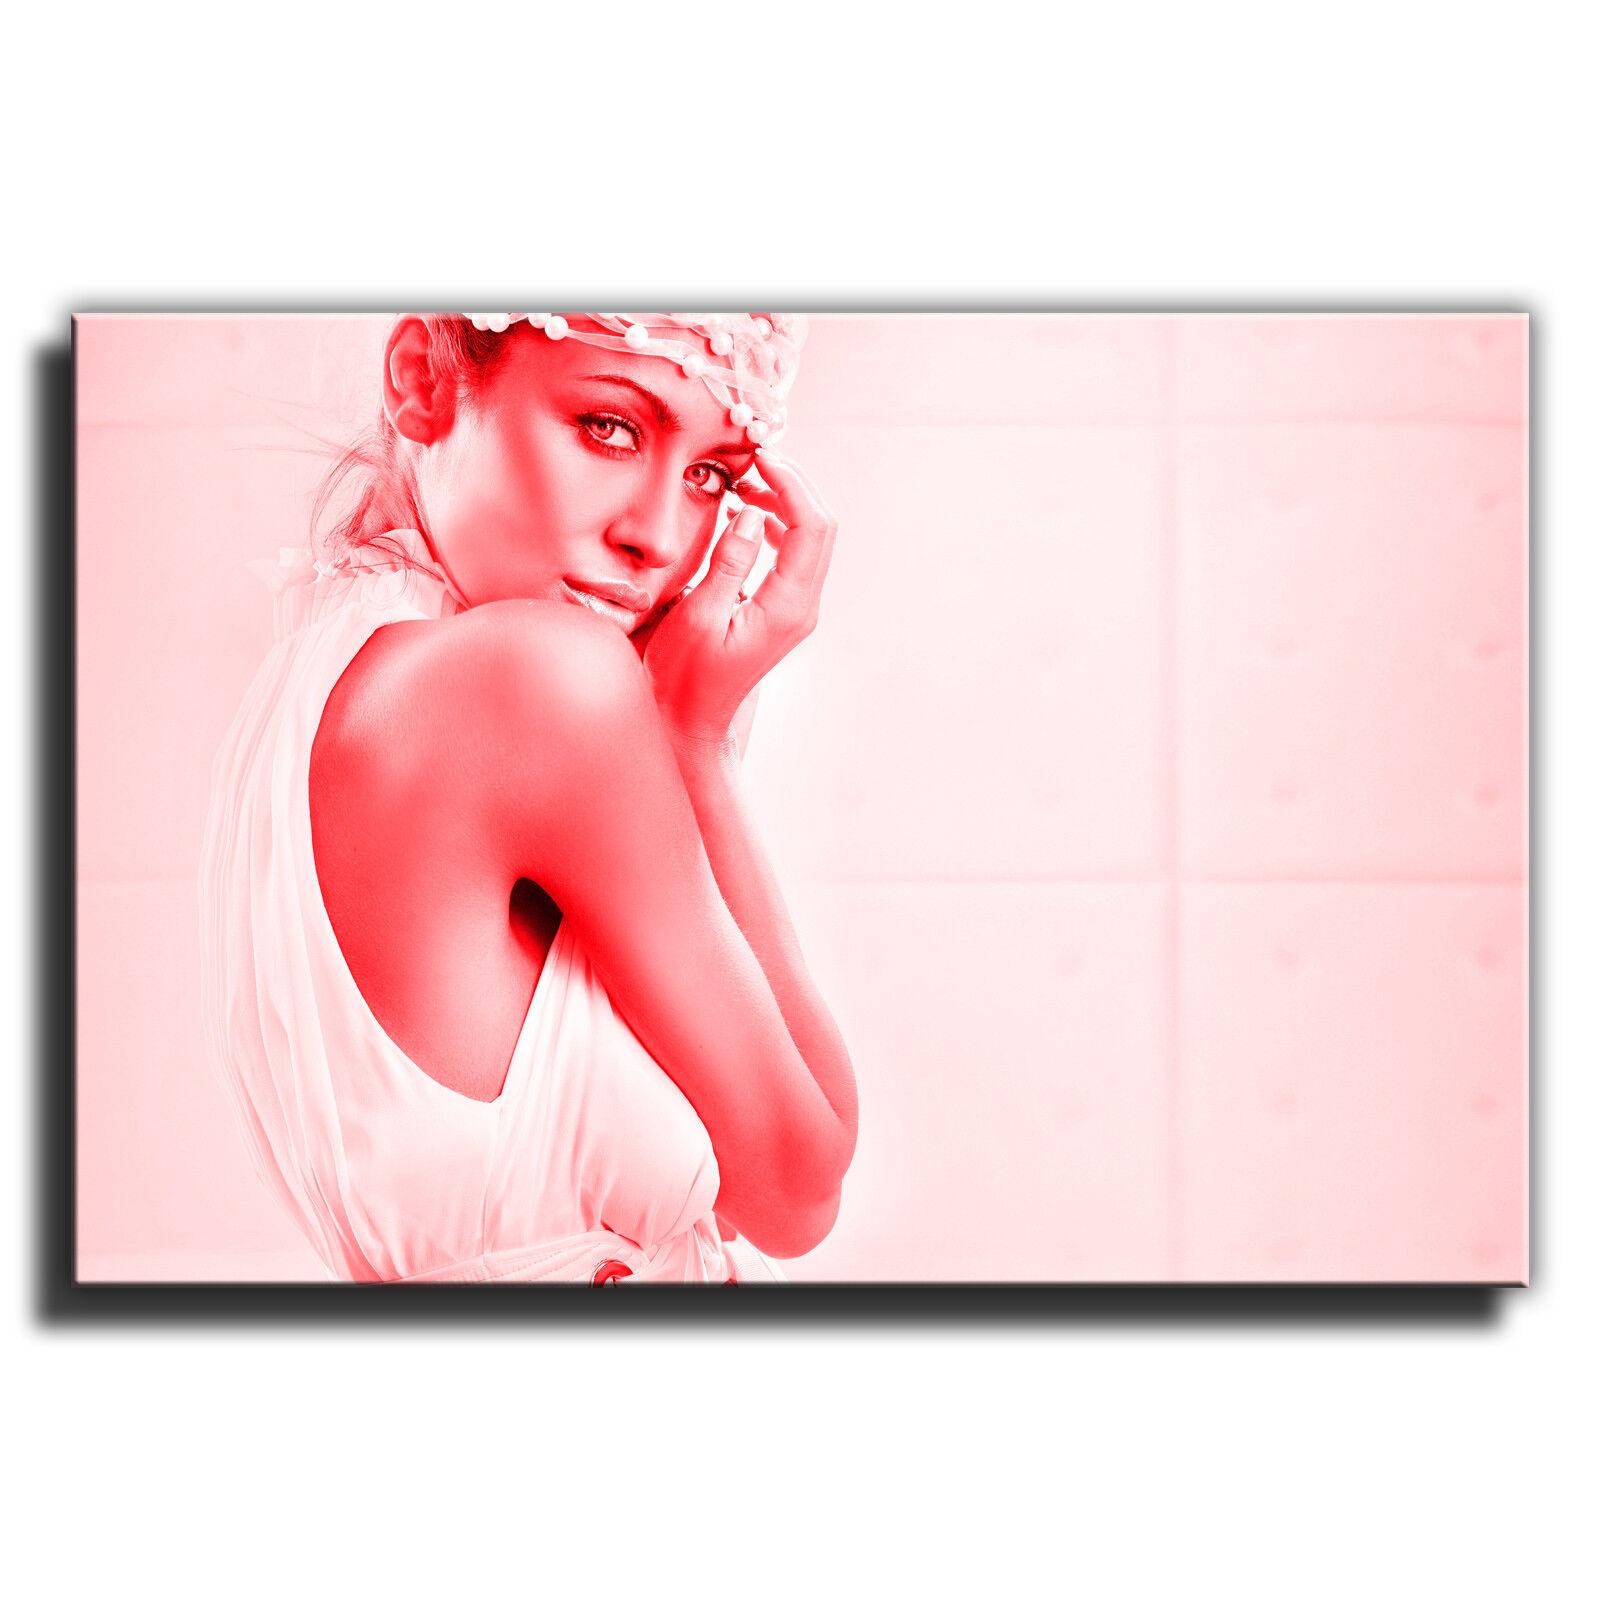 Sexy Mujer Desnuda Erótica solo solo solo LONA parojo arte Foto impresión de 2 0fcabf